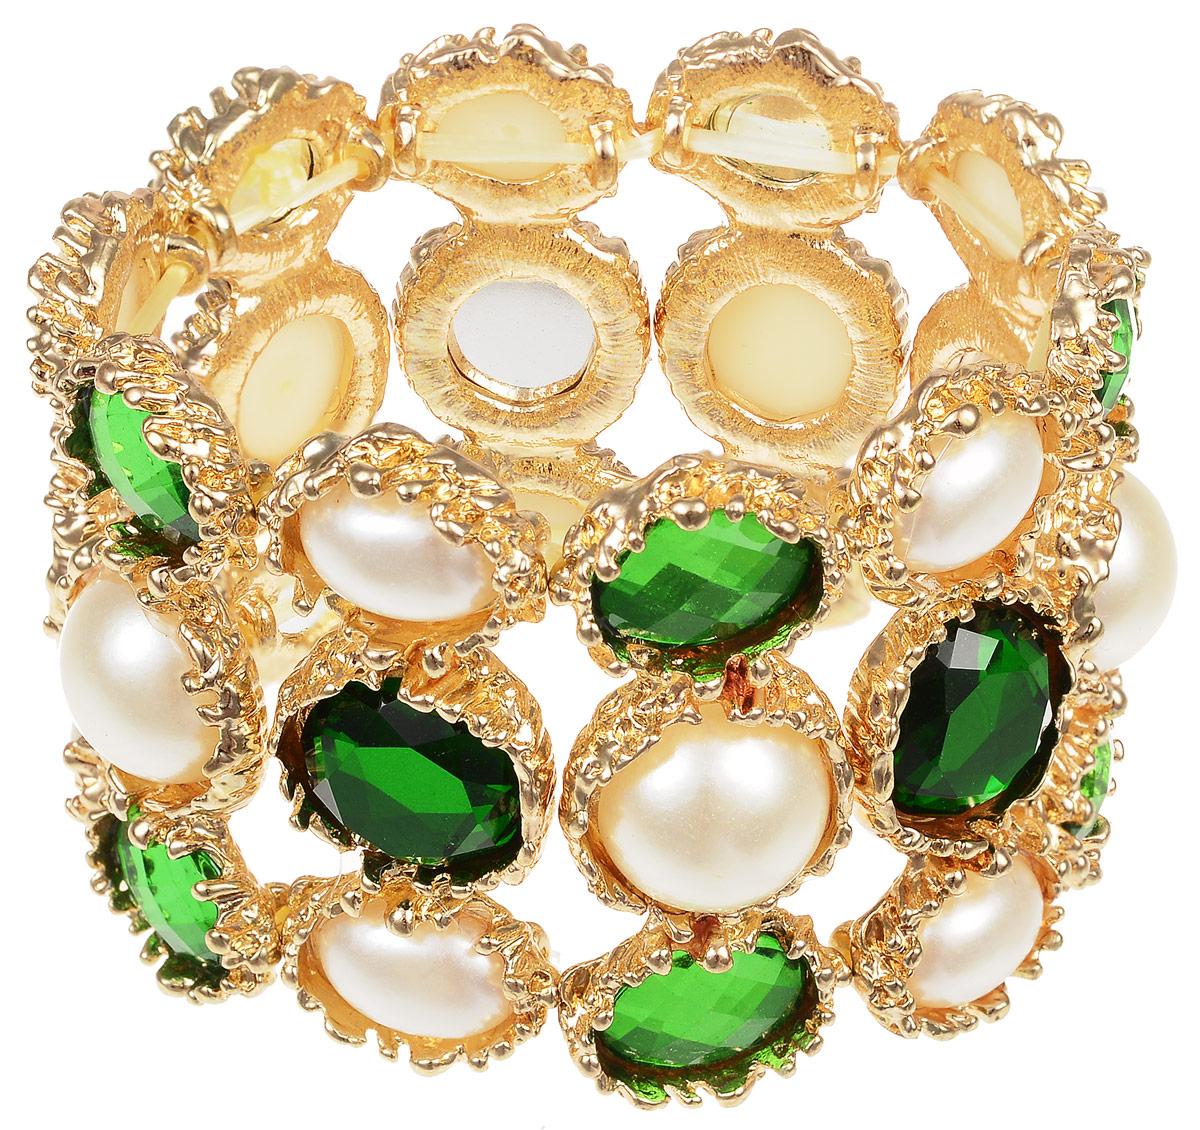 Браслет Fashion House, цвет: золотистый, белый, зеленый. FH29983FH29983Великолепный браслет Fashion House, выполненный из высококачественного металла, позволит вам с легкостью воплотить самую смелую фантазию и создать собственный неповторимый образ. Браслет богато украшен камнями и крупными стразами. Эластичная прочная резинка позволит идеально зафиксировать модель на руке. Красивое и необычное украшение блестяще подчеркнет ваш изысканный вкус и поможет внести разнообразие в привычный образ.